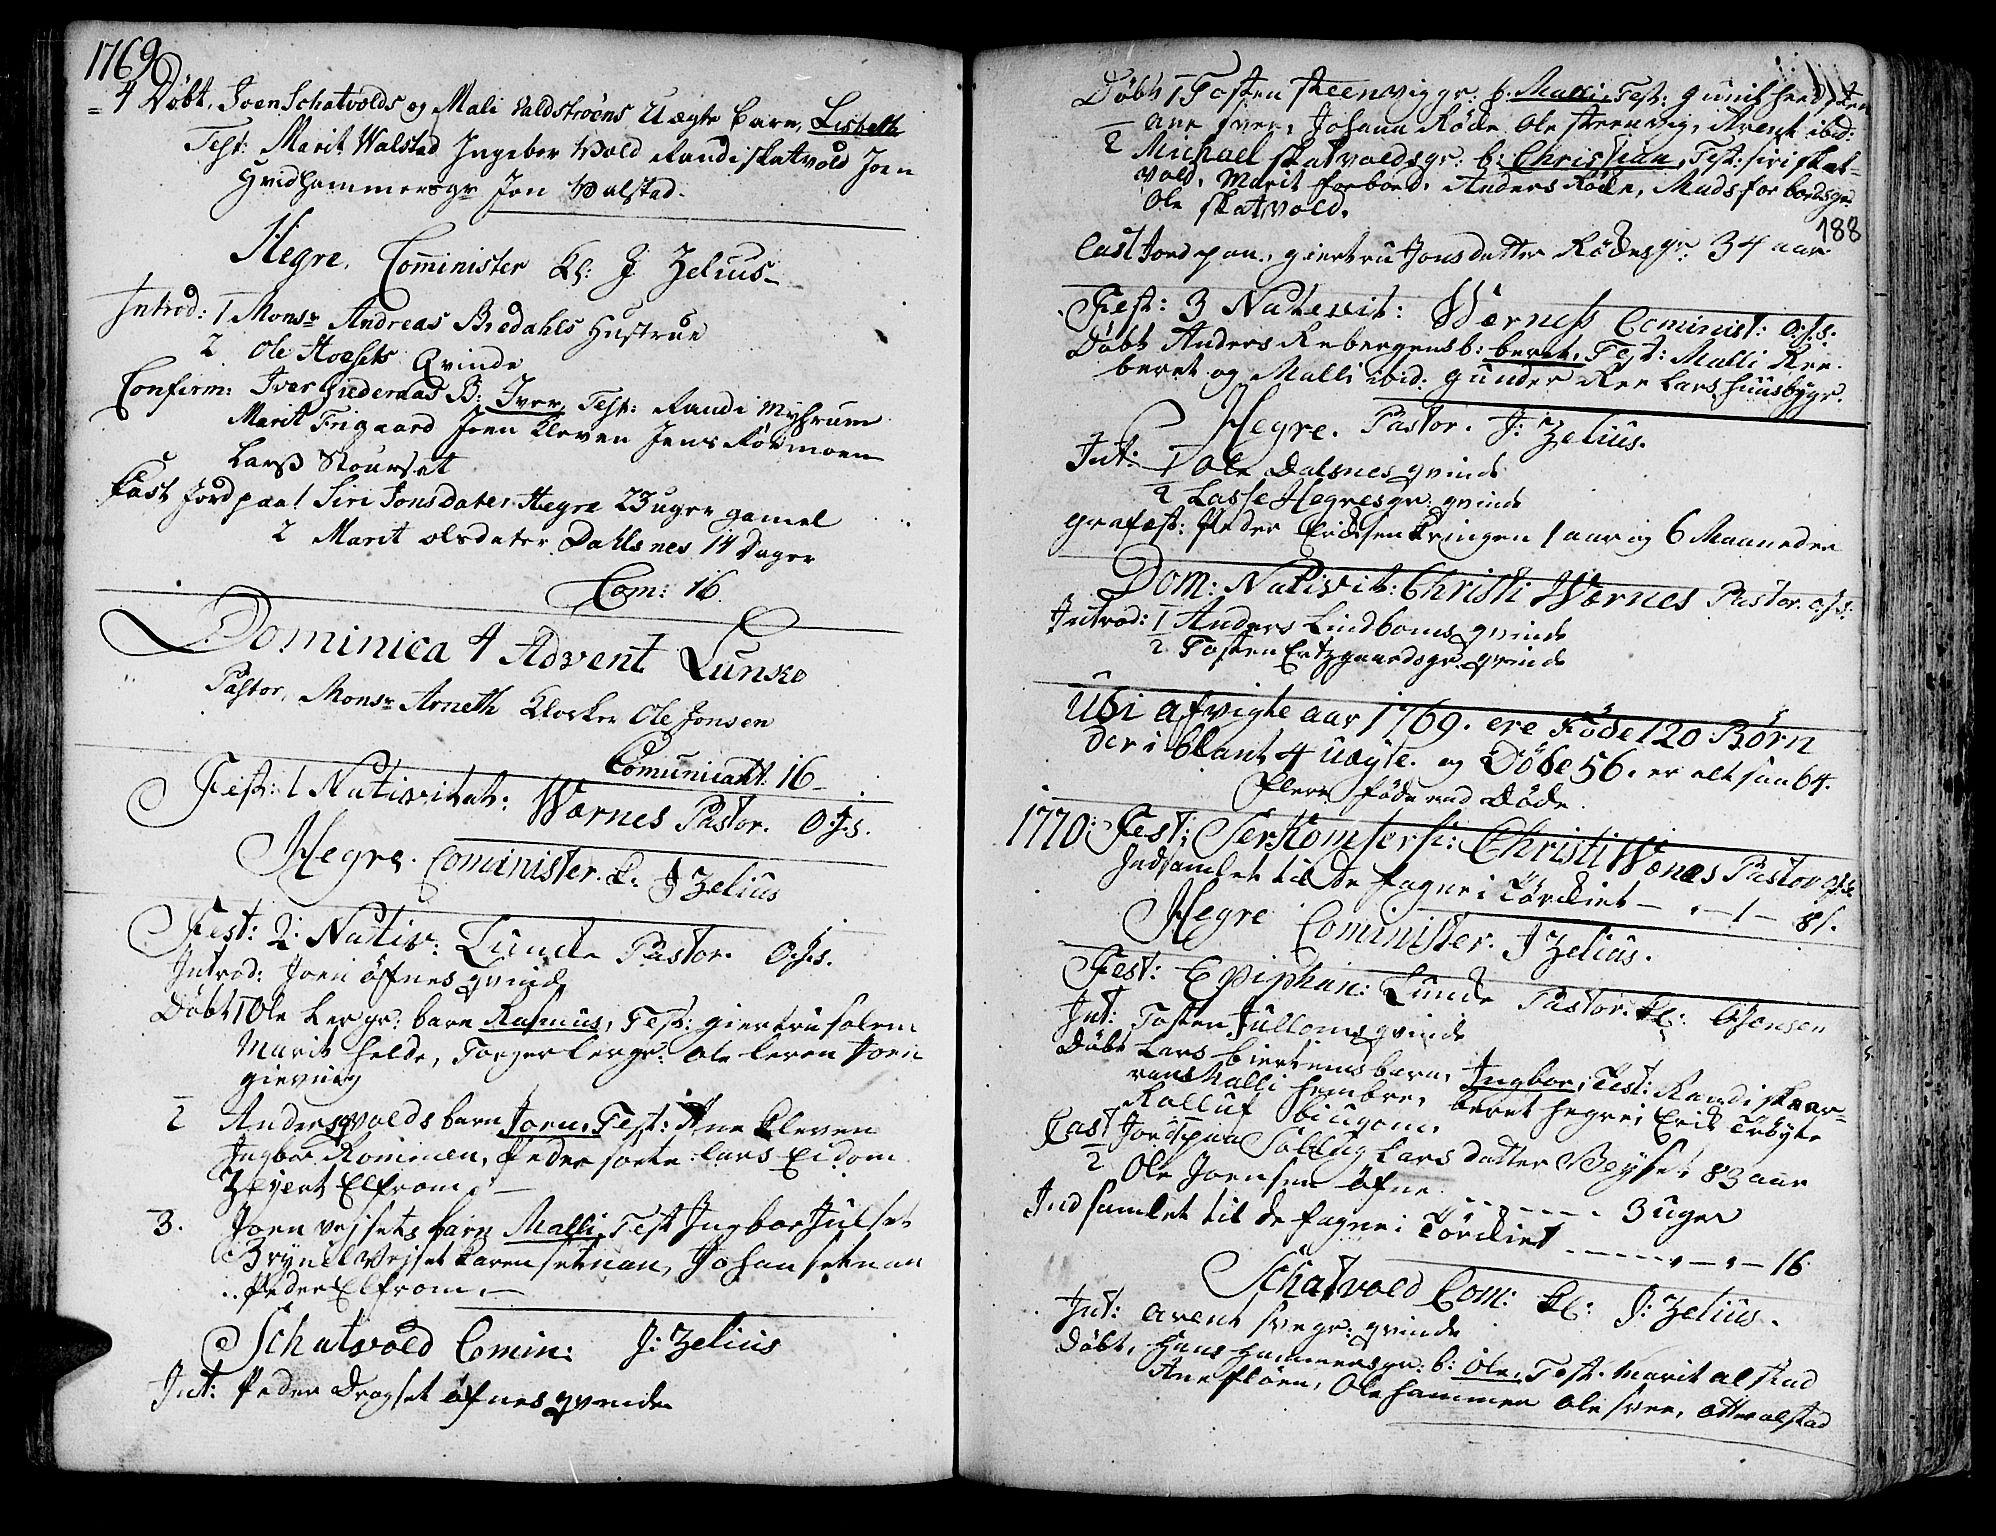 SAT, Ministerialprotokoller, klokkerbøker og fødselsregistre - Nord-Trøndelag, 709/L0057: Ministerialbok nr. 709A05, 1755-1780, s. 188